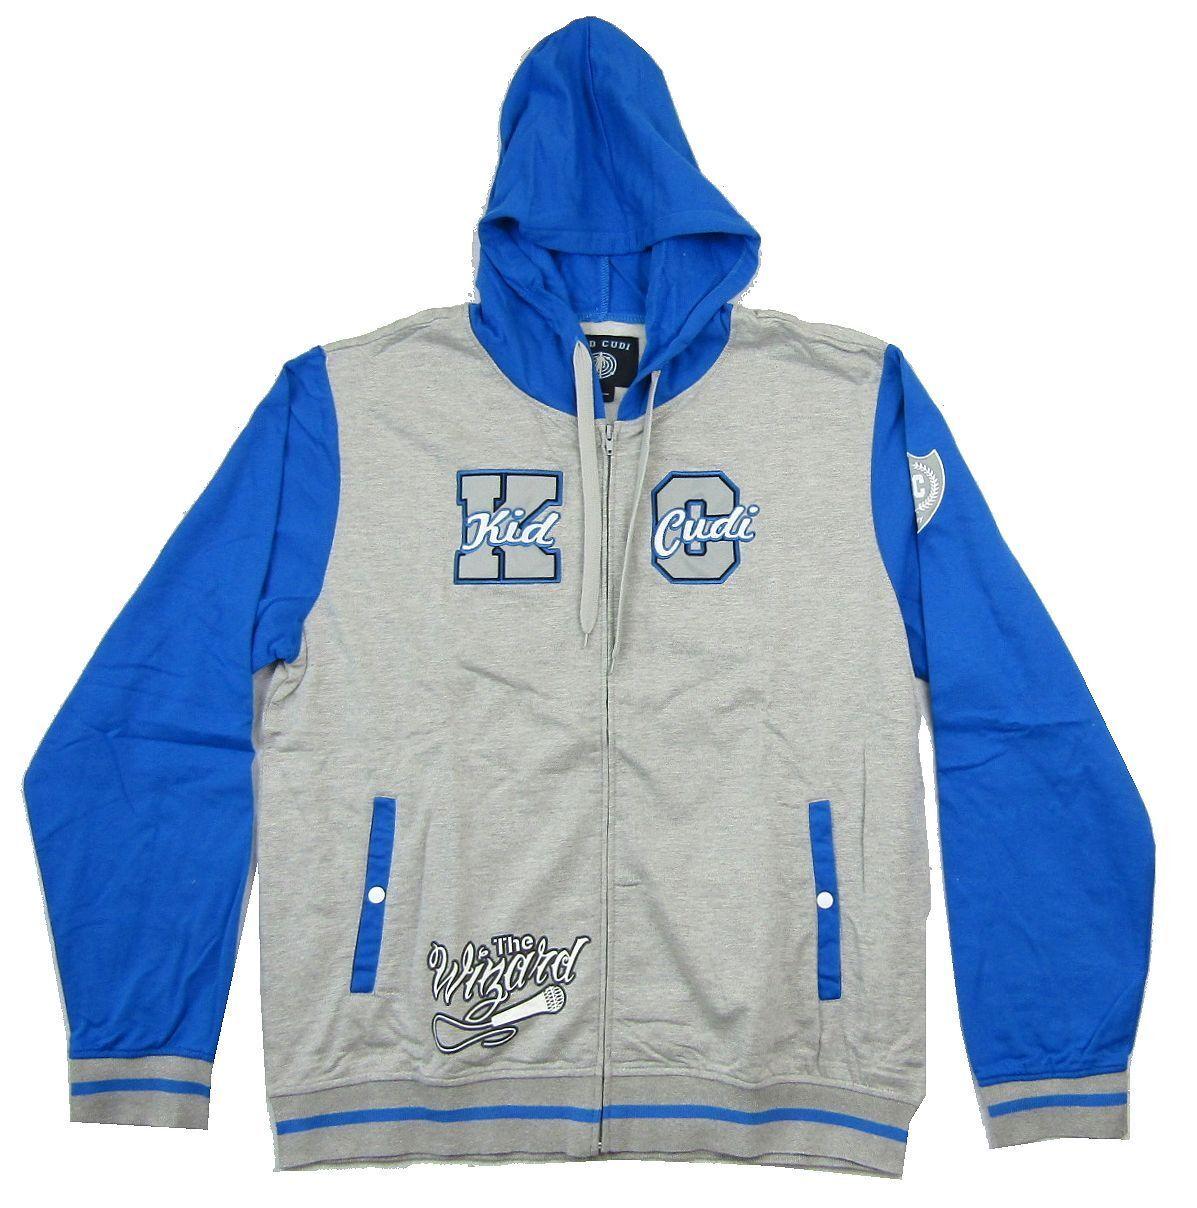 Kid Cudi The Wizard Grau Zip Up Sweatshirt Hoodie New Official